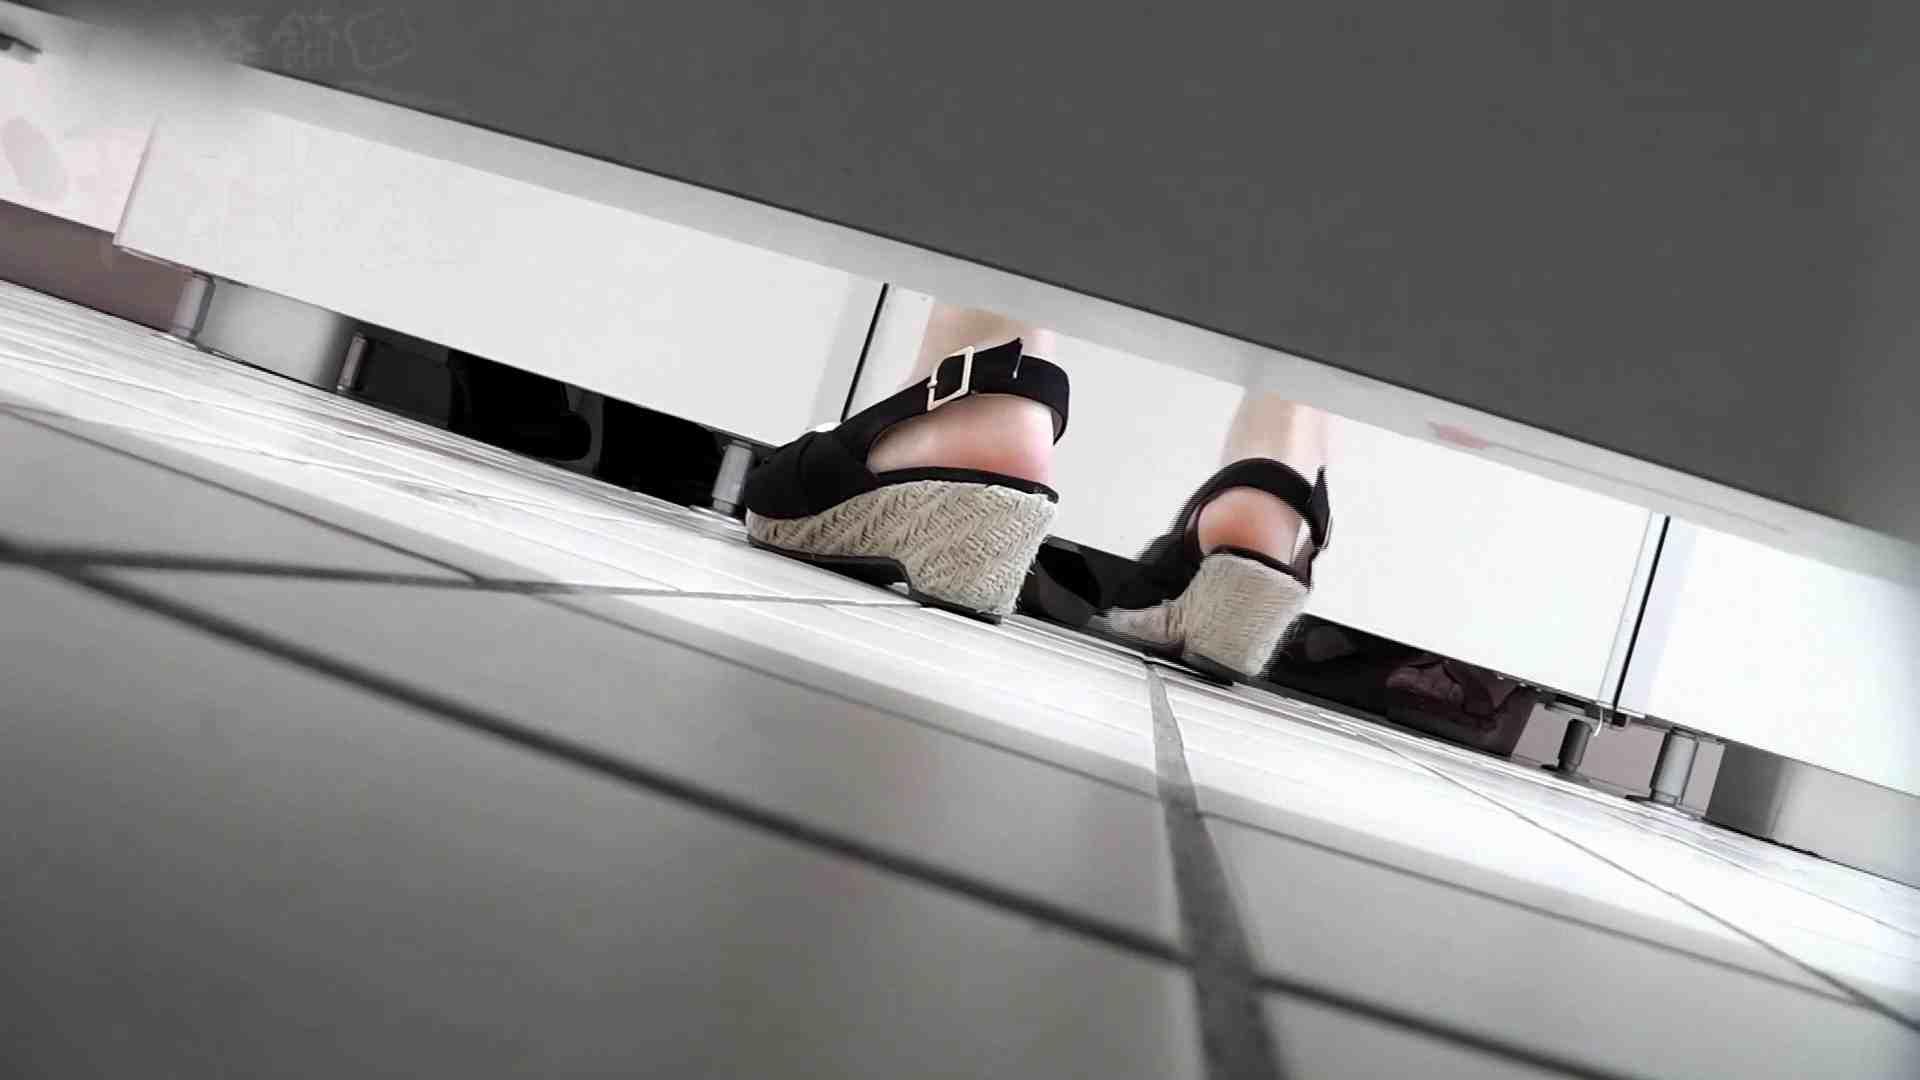 美しい日本の未来 No.26 美女偏差値オール90 女子トイレ特別編 AV無料動画キャプチャ 60枚 14